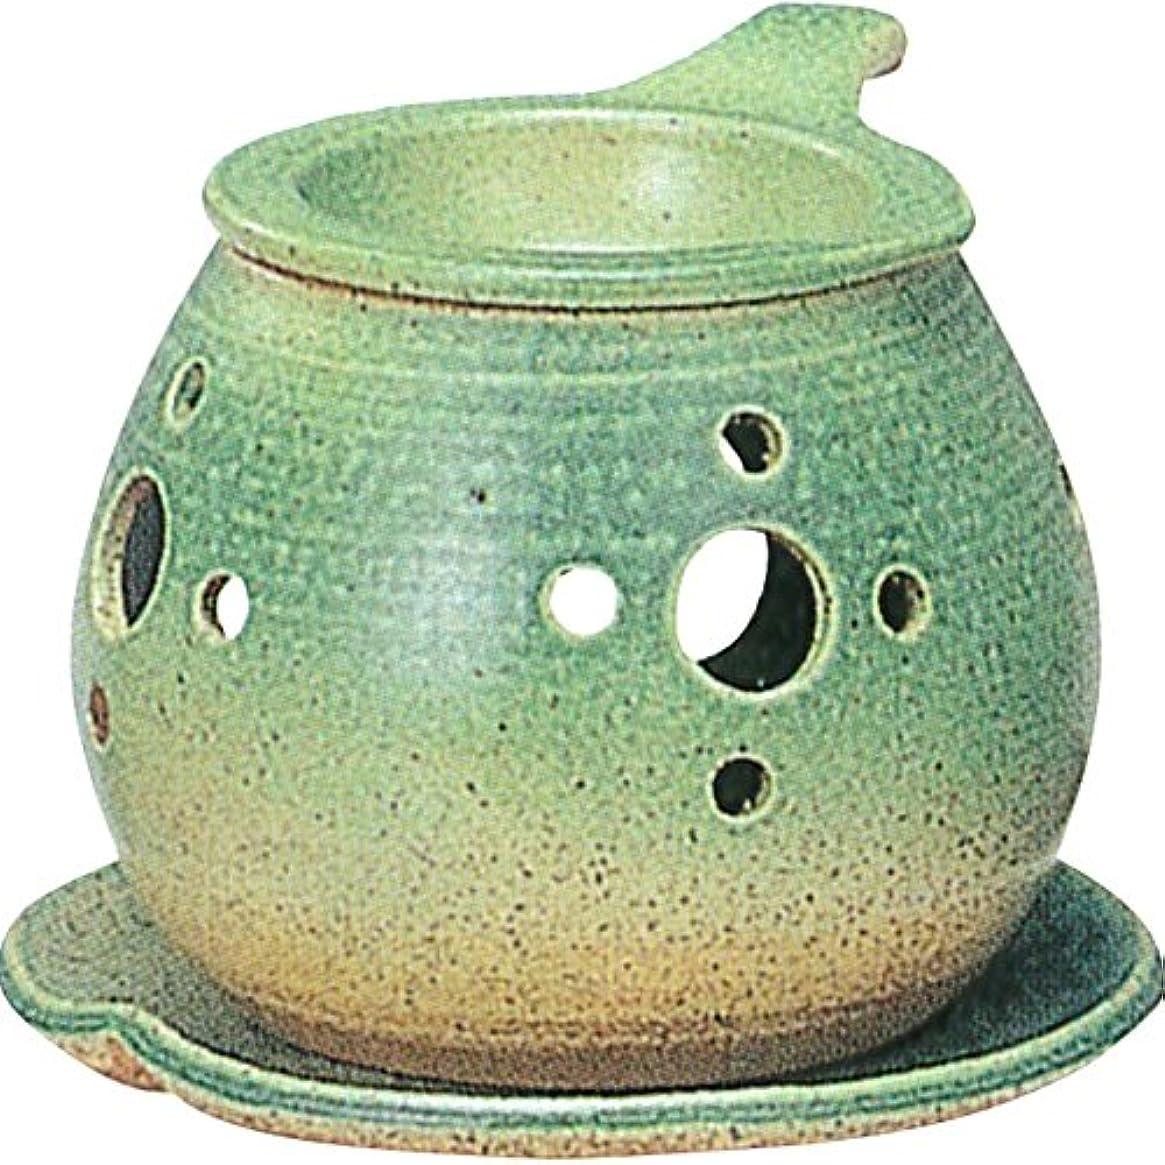 外部スポーツの試合を担当している人ペチュランス茶香炉 : 常滑焼 間宮 茶香炉? ル35-02